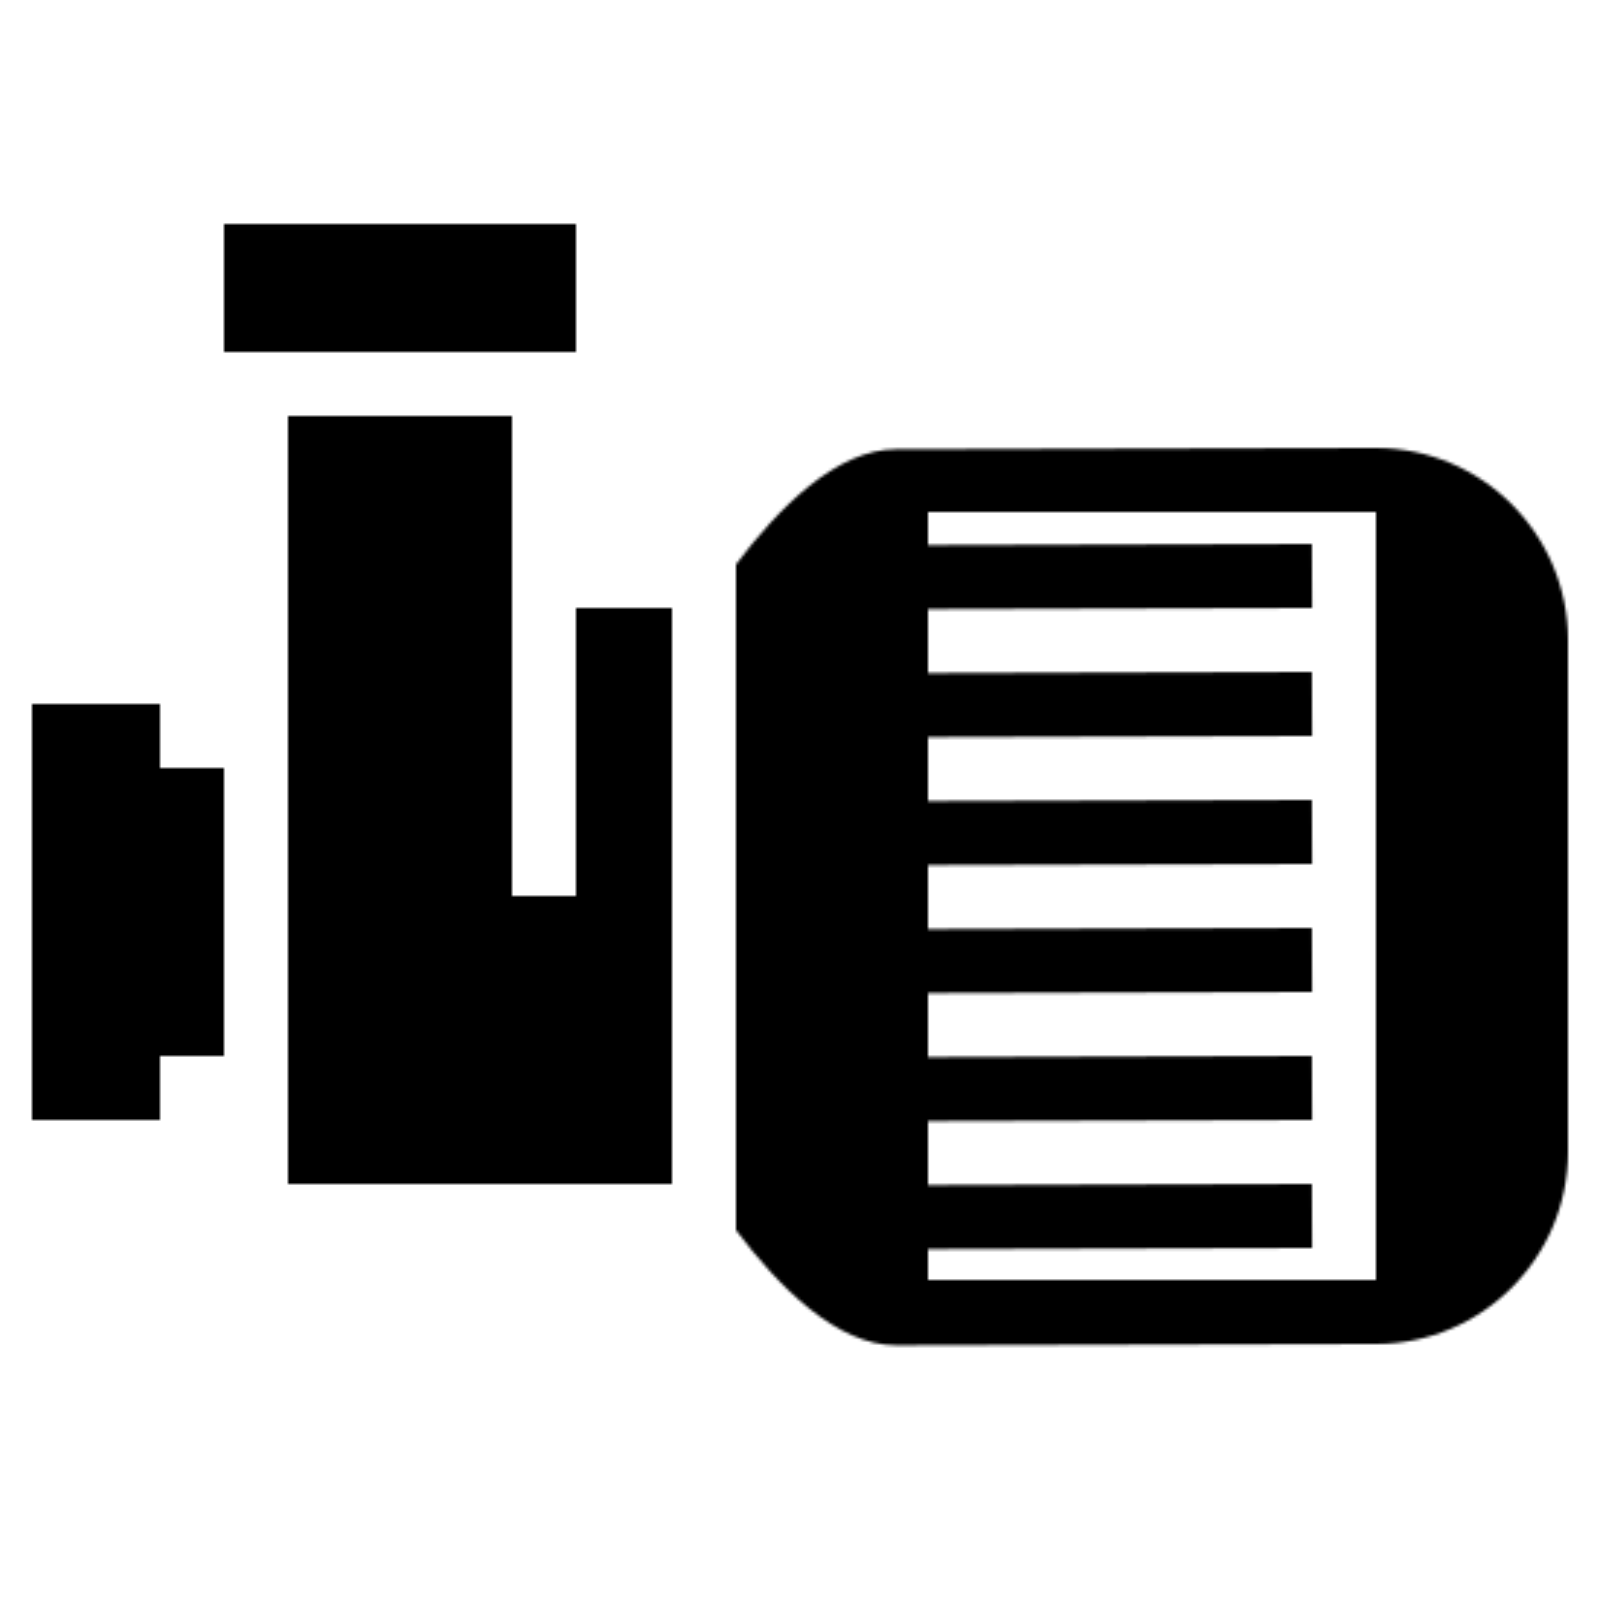 Pompa icon